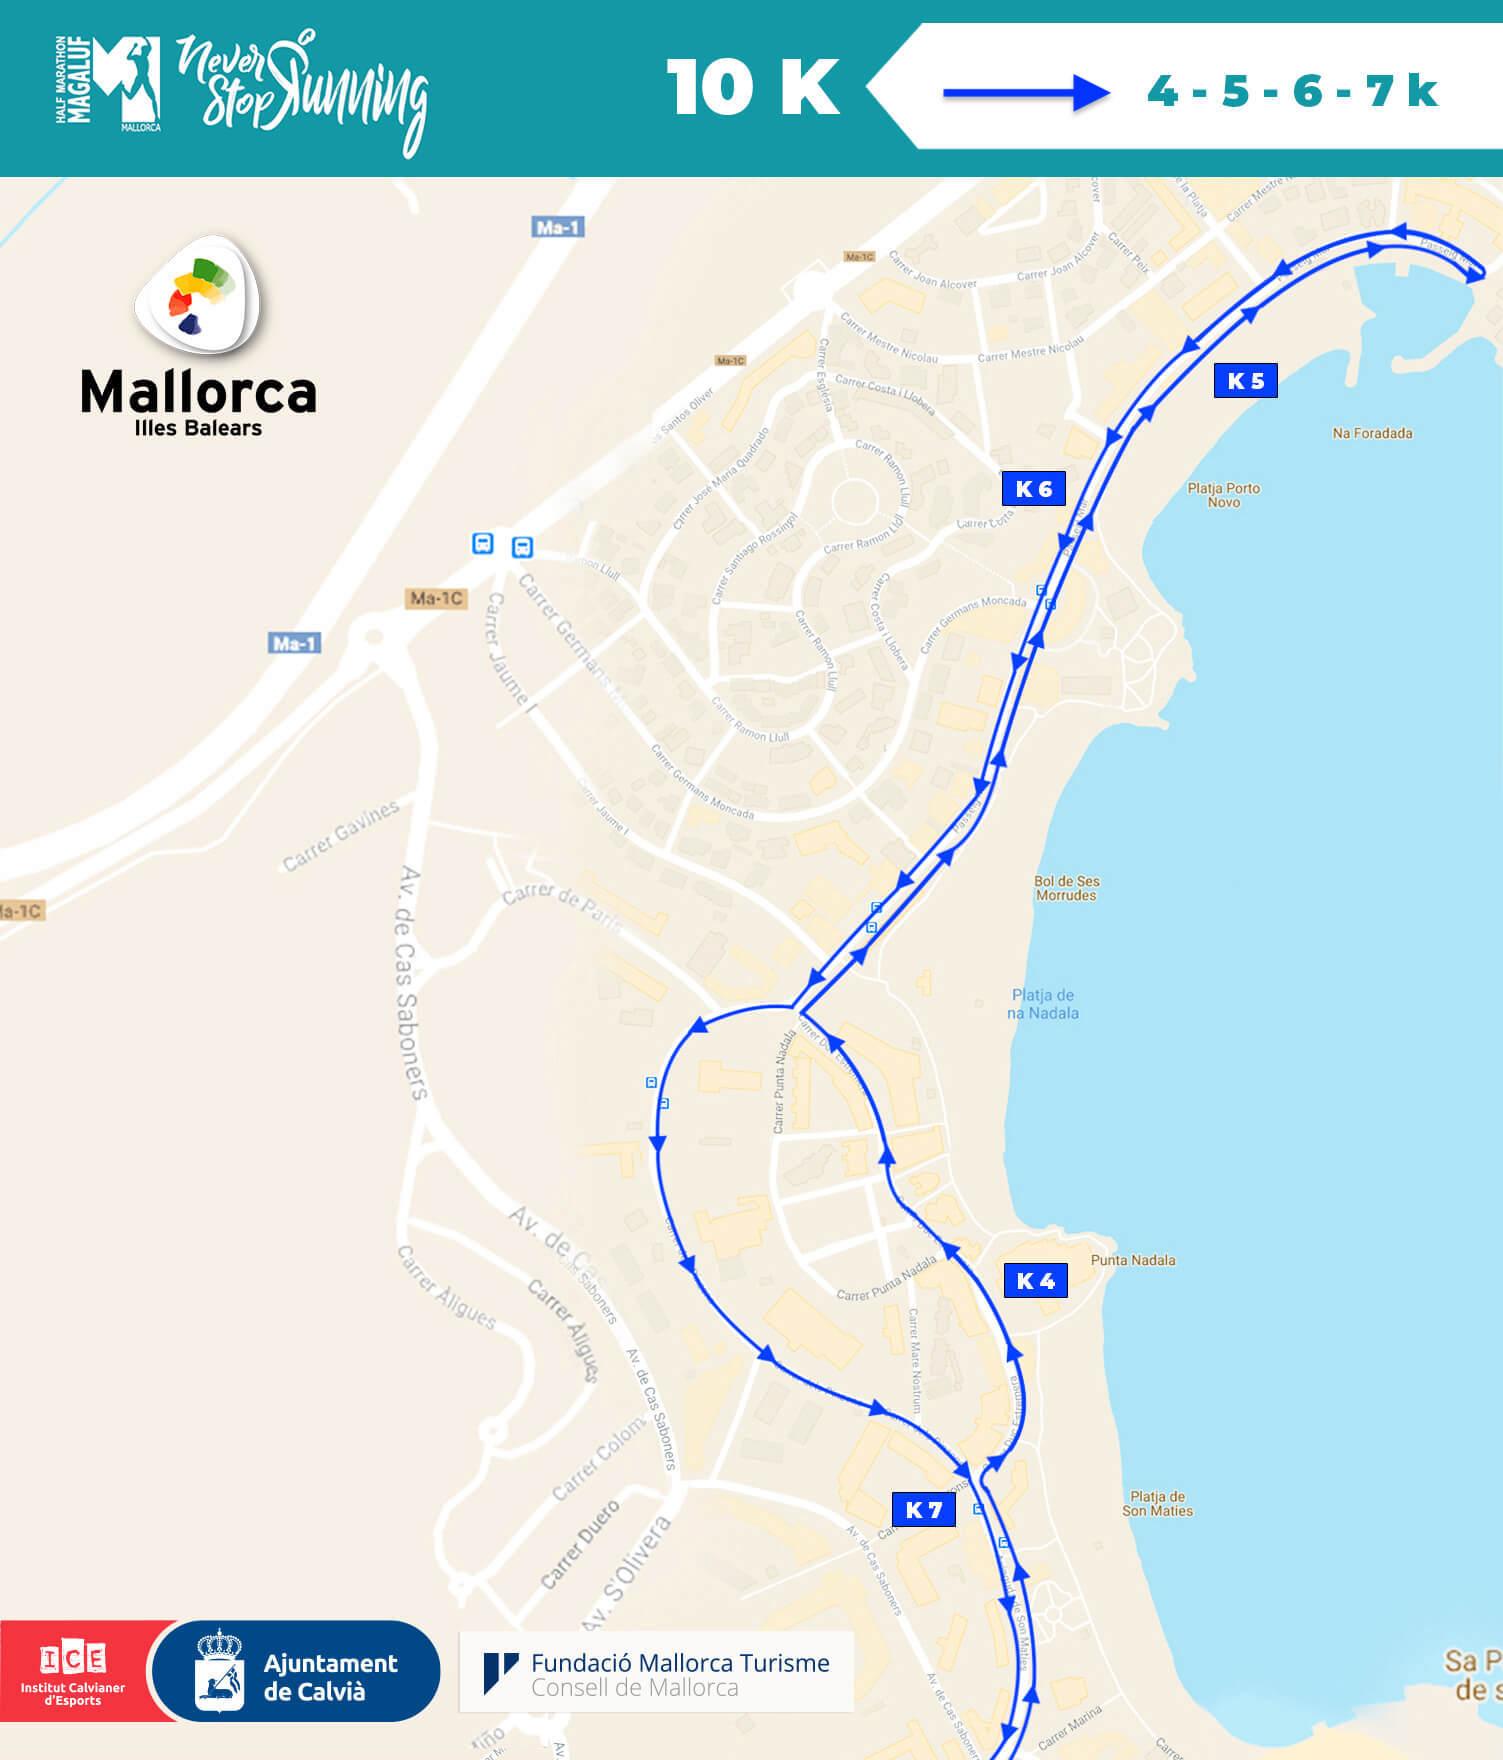 Circuito 10 km Half Marathon Magaluf, Circuitos Media Maratón de Magaluf , Avituallamientos - Media maratón Mallorca (Magaluf)